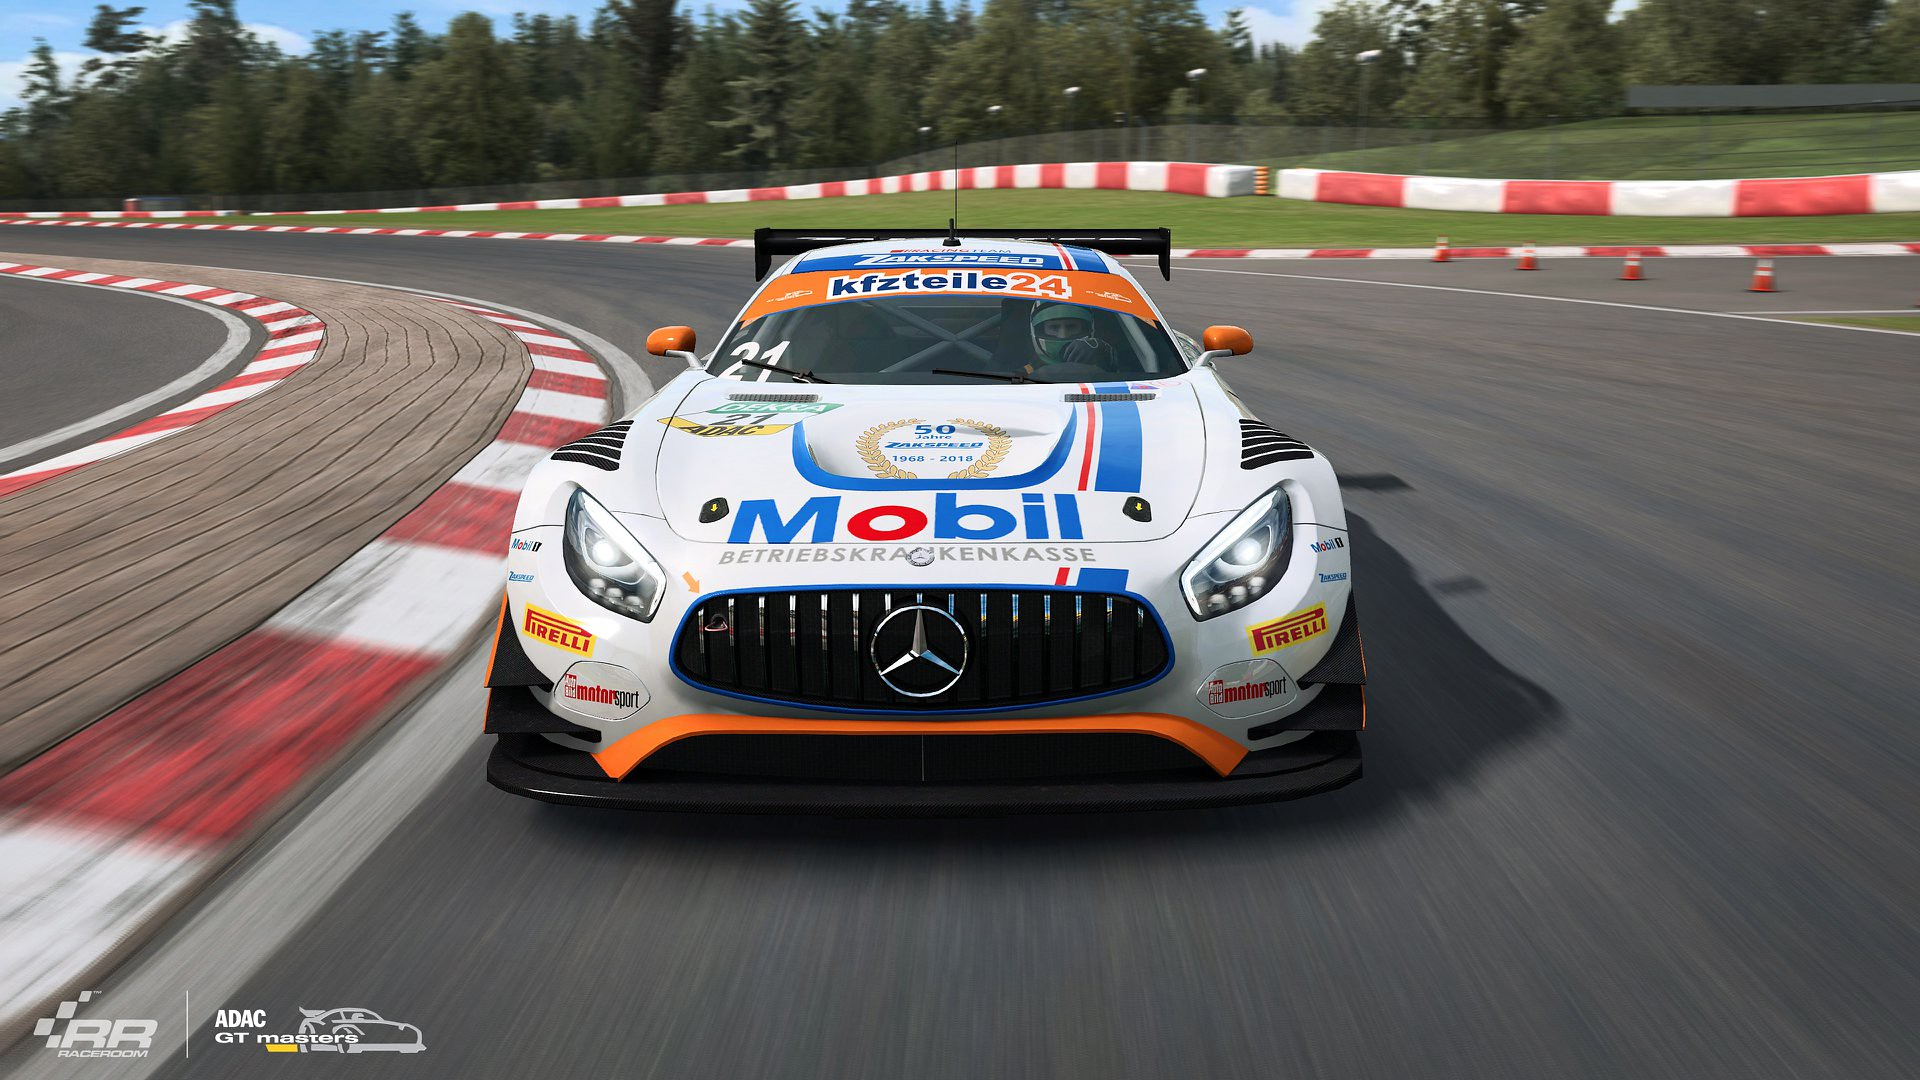 2 RaceRooom Mercedes-AMG teams of ADAC GT Masters 2018